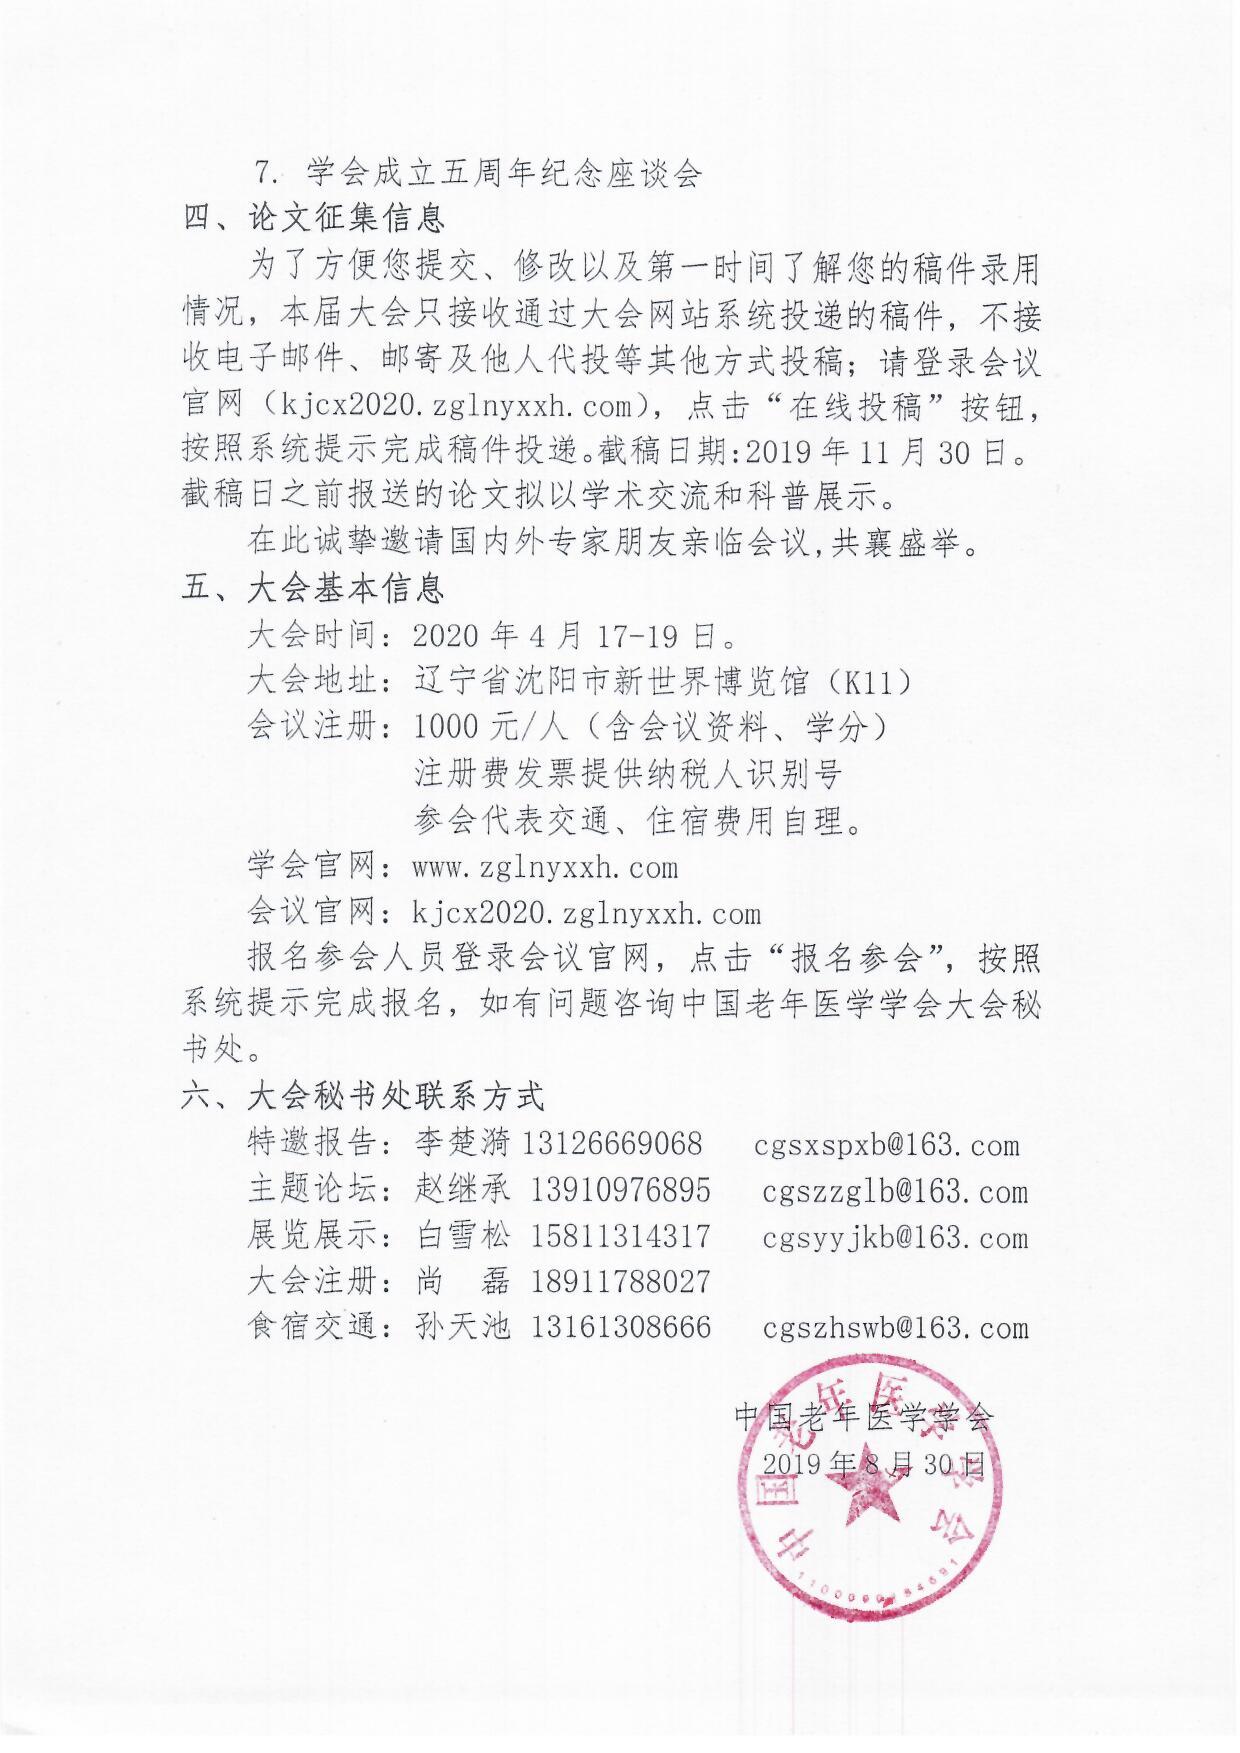 大会通知 第六届中国老年医学与科技创新大会(改后的)0109_页面_3.jpg